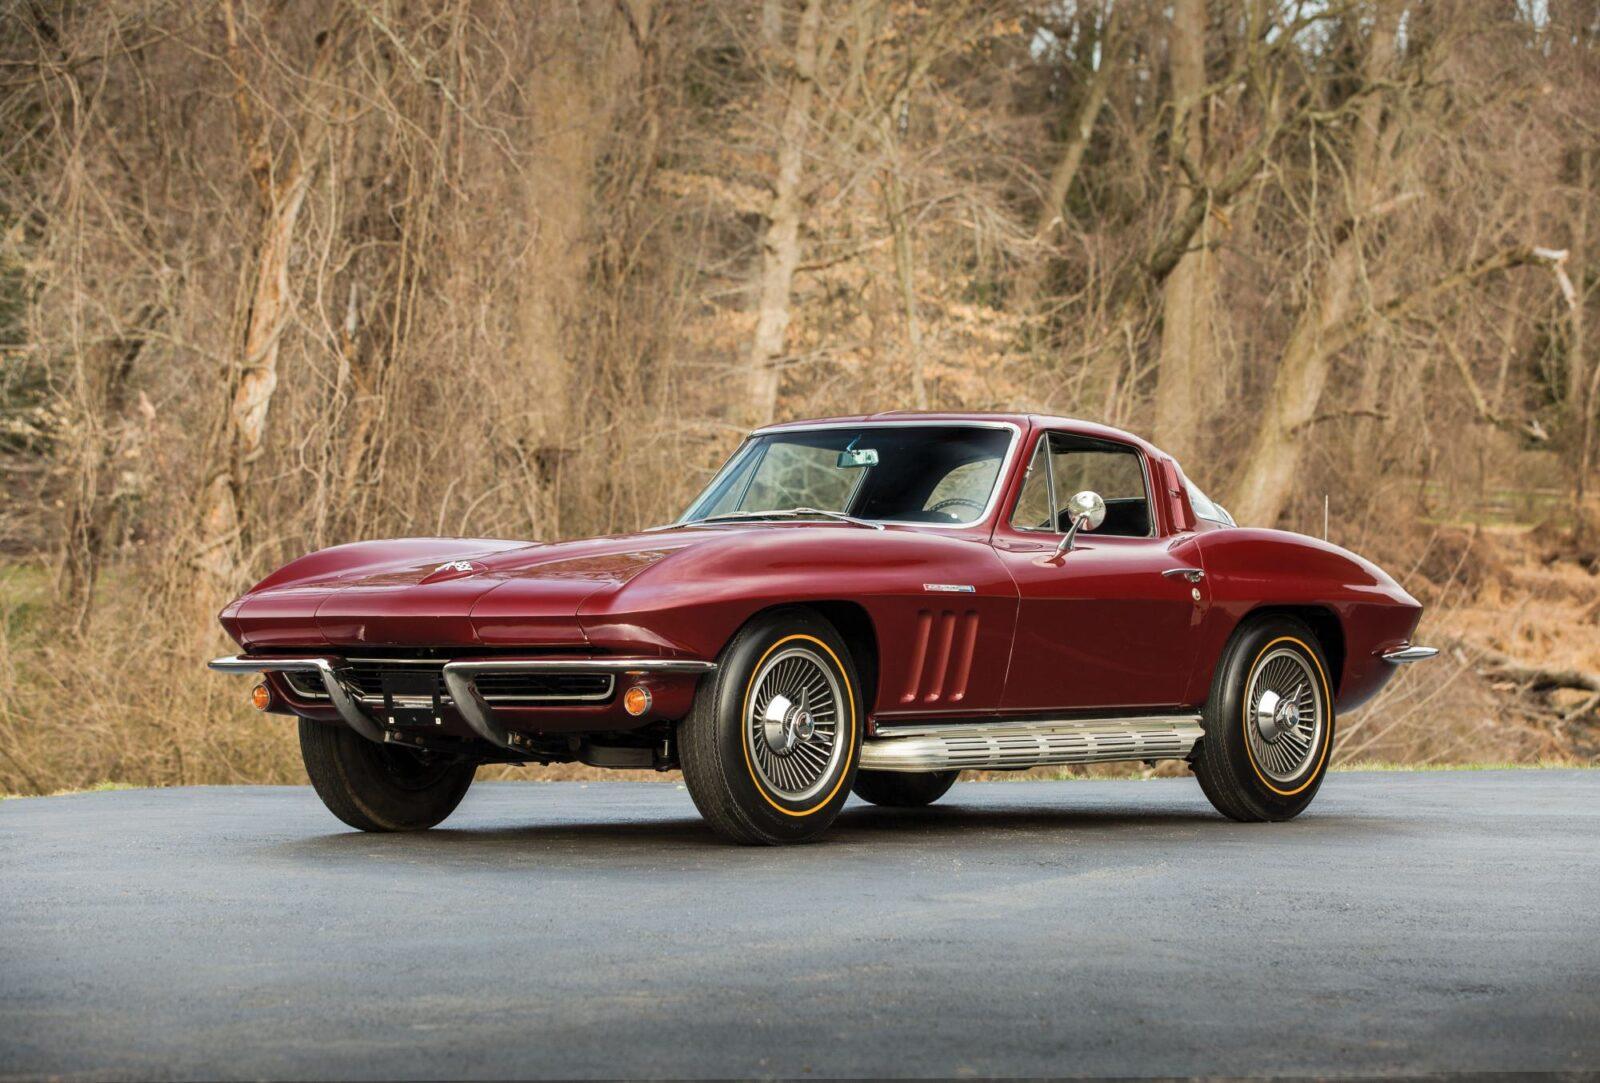 Chevrolet Corvette 1 1600x1083 - 1965 Chevrolet Corvette C2